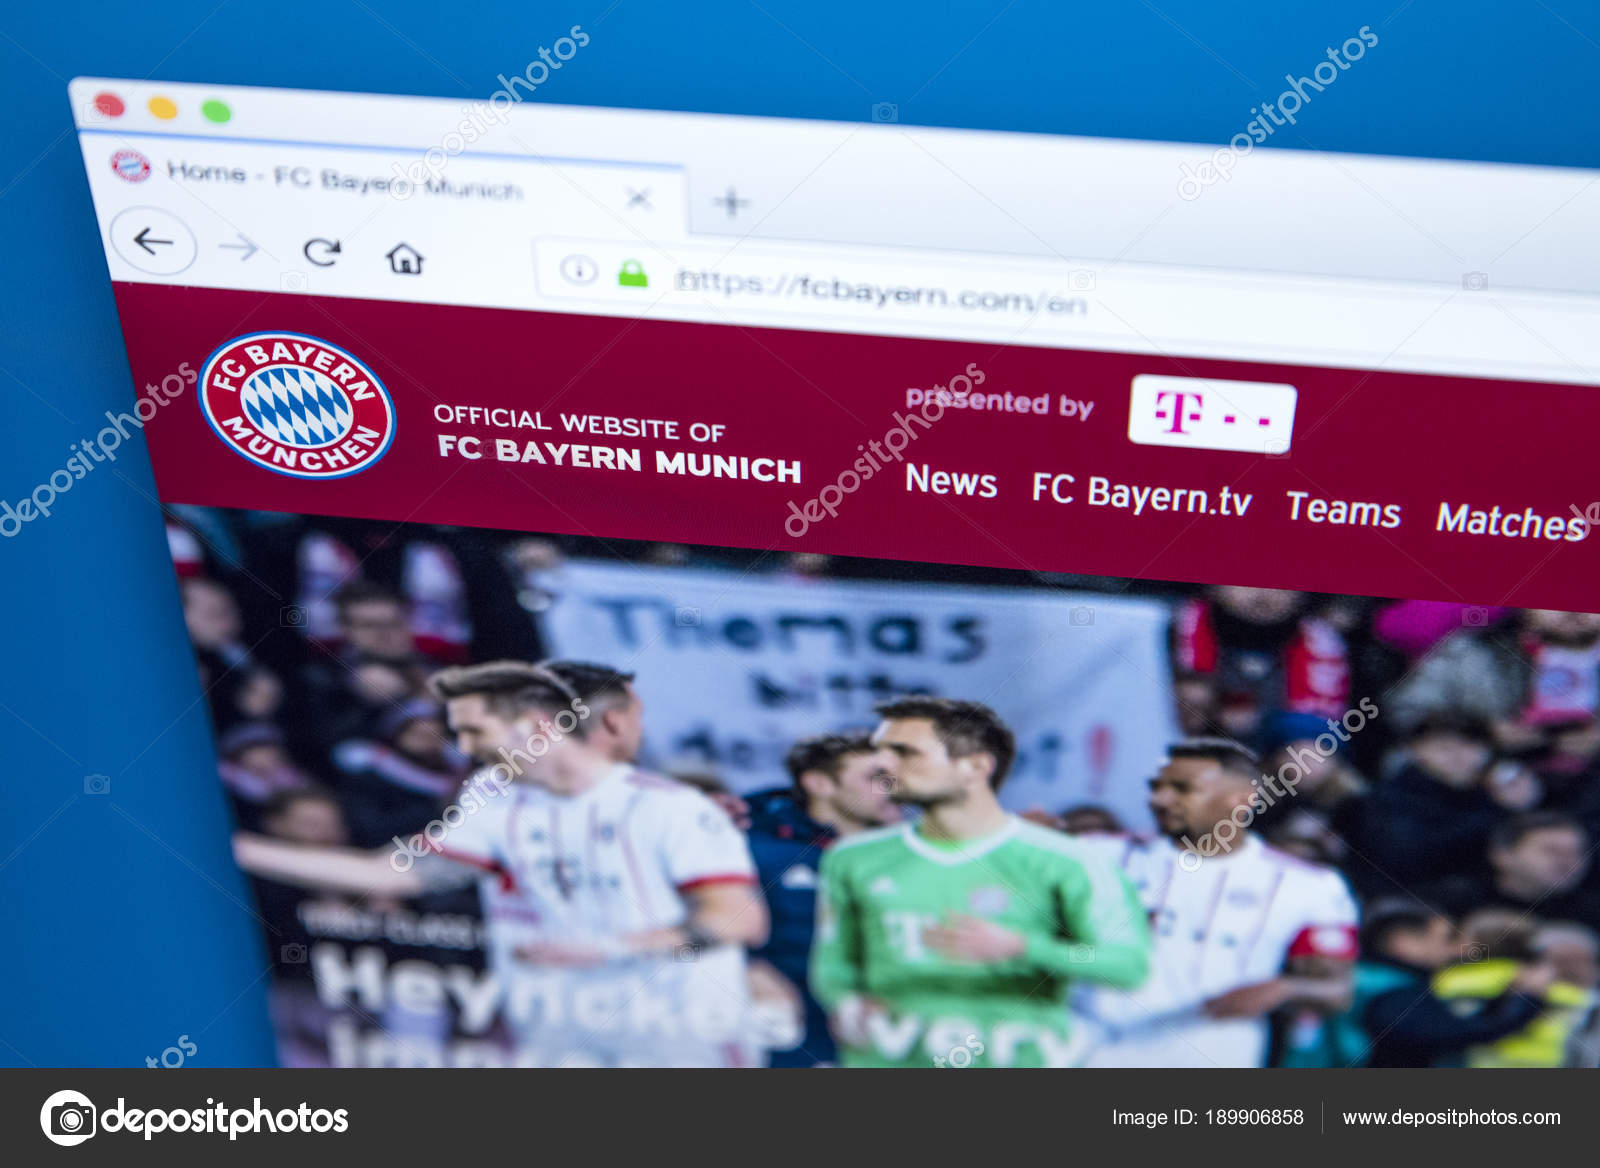 Офицальный сайт футбольной команды бавария